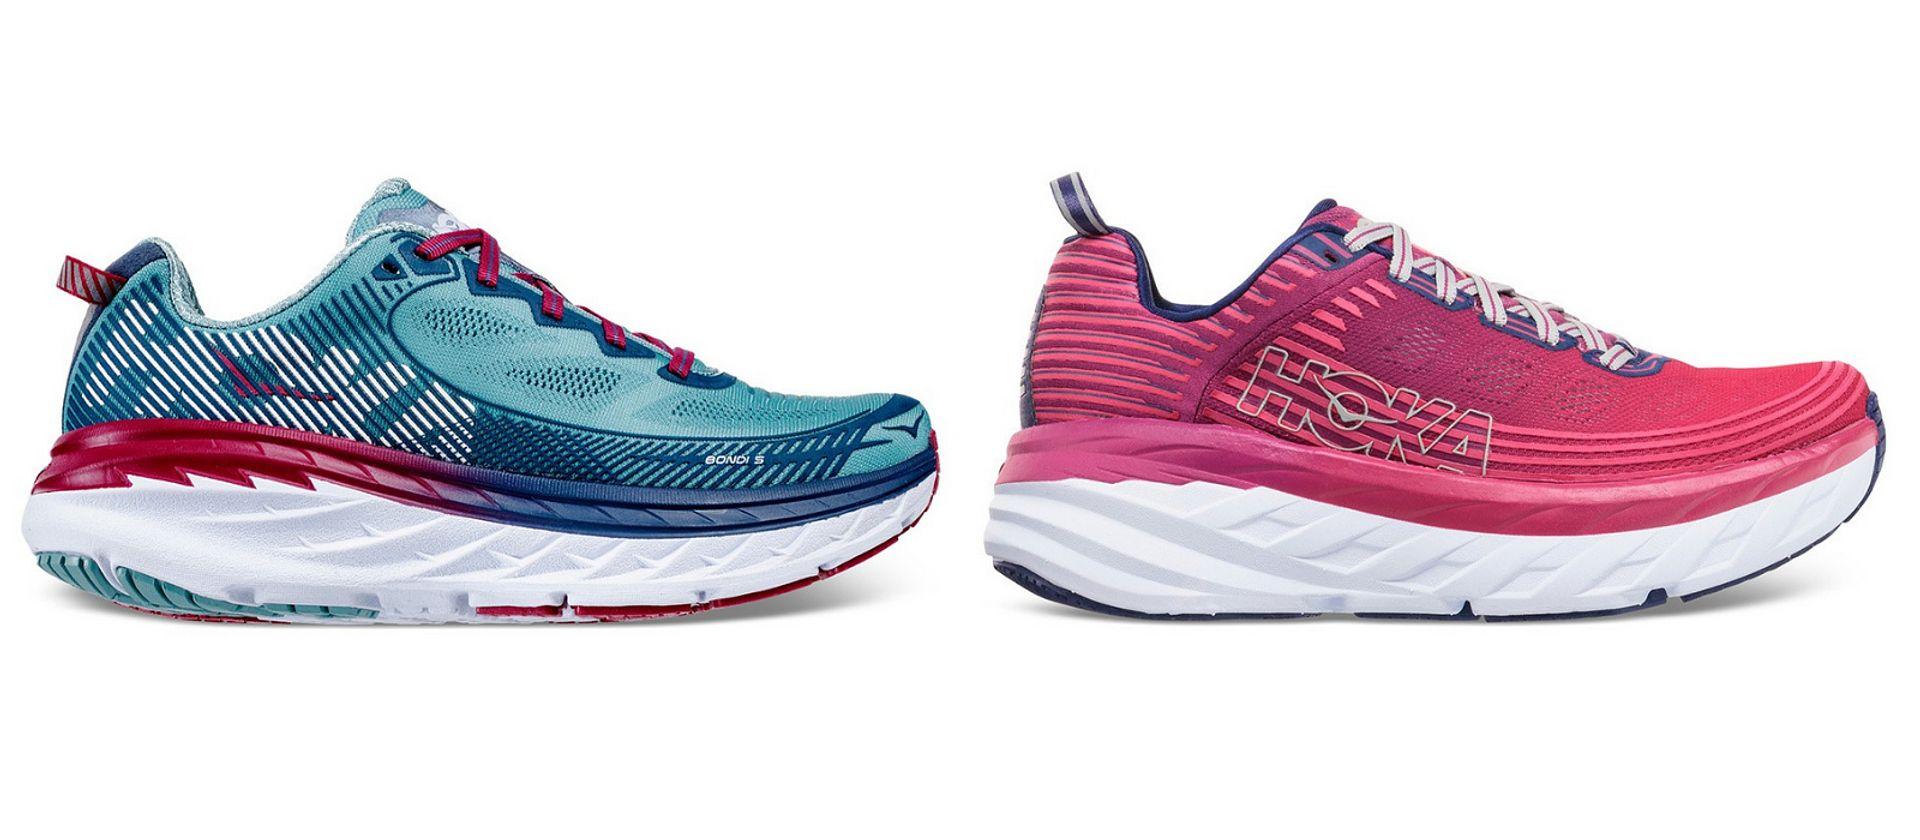 Shoe 6Fleet Feet ReviewHOKA Bondi g7Yfb6y